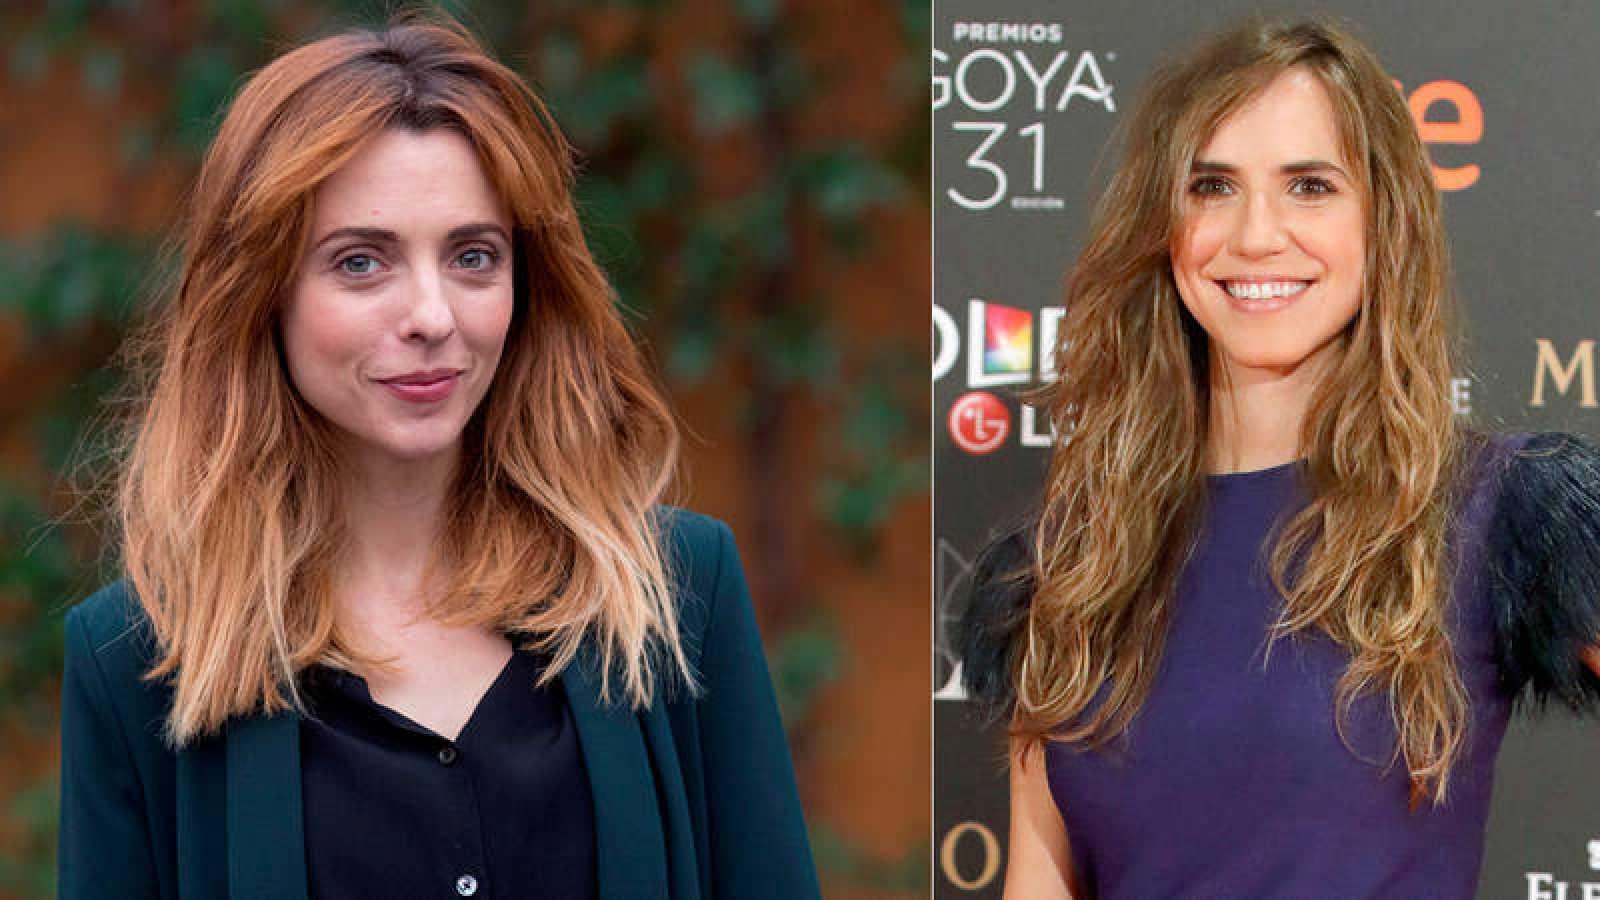 94be3a633 La directora Leticia Dolera sustituyó a la actriz protagonista de su ...